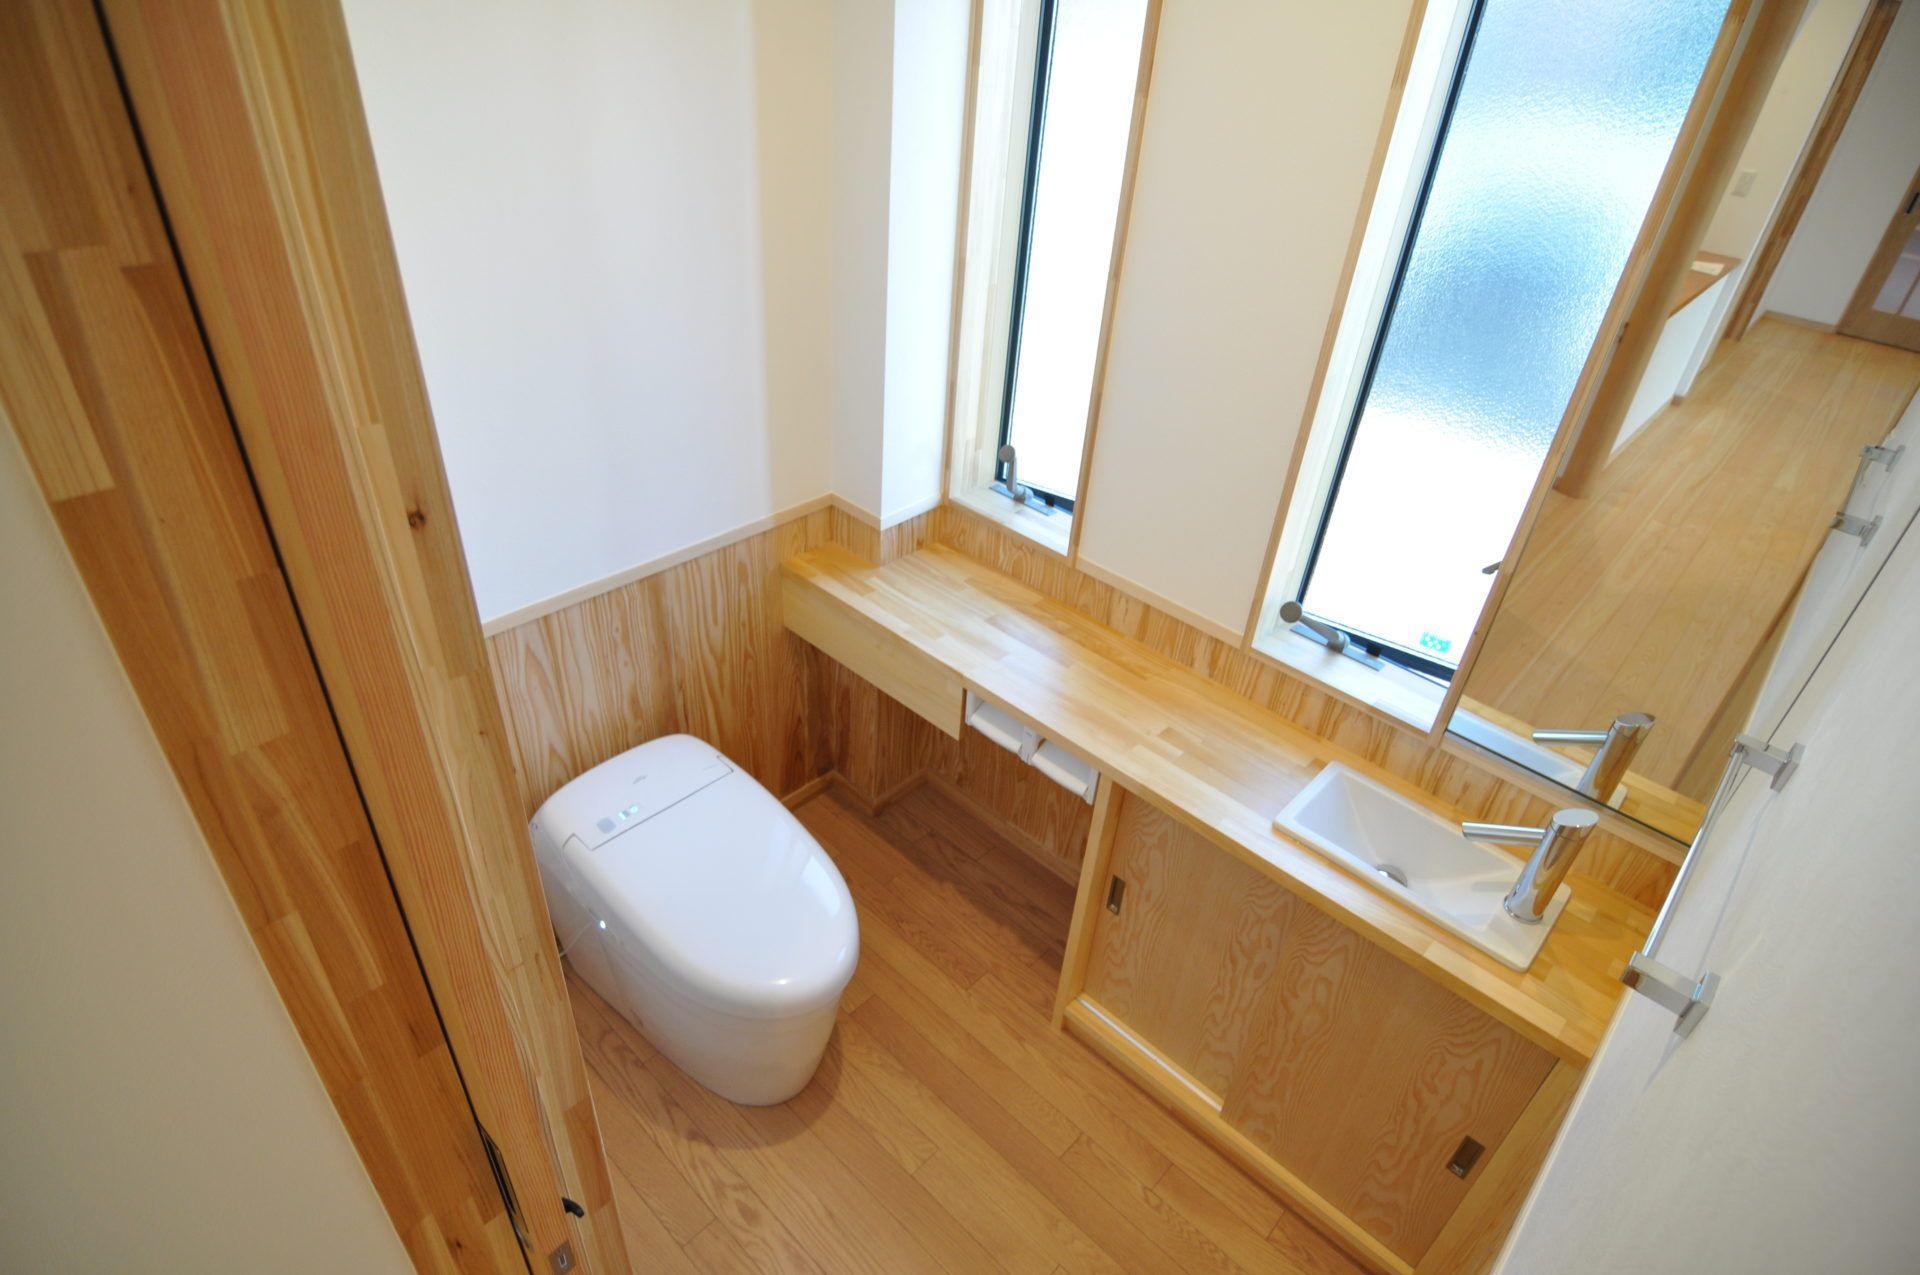 有限会社 市川建築店 1級建築士事務所「三条市 T様邸」のシンプル・ナチュラルなトイレの実例写真